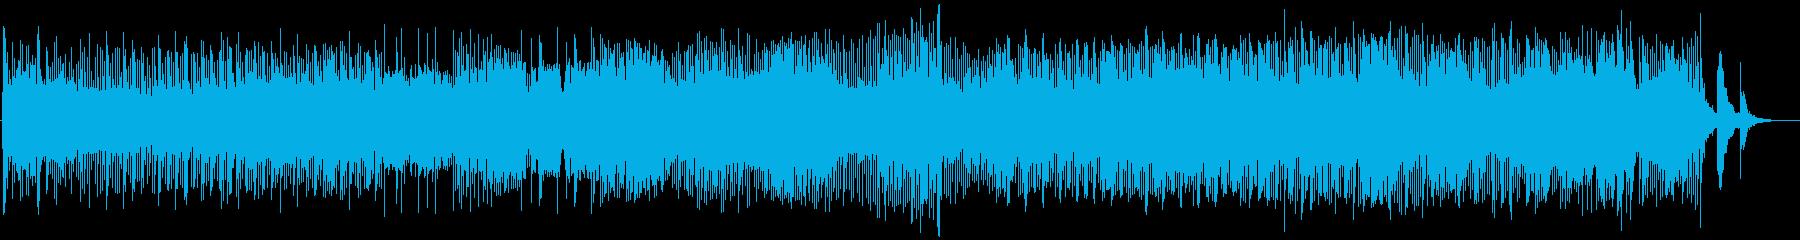 有名な作曲家リムスキー・コルサコフ...の再生済みの波形